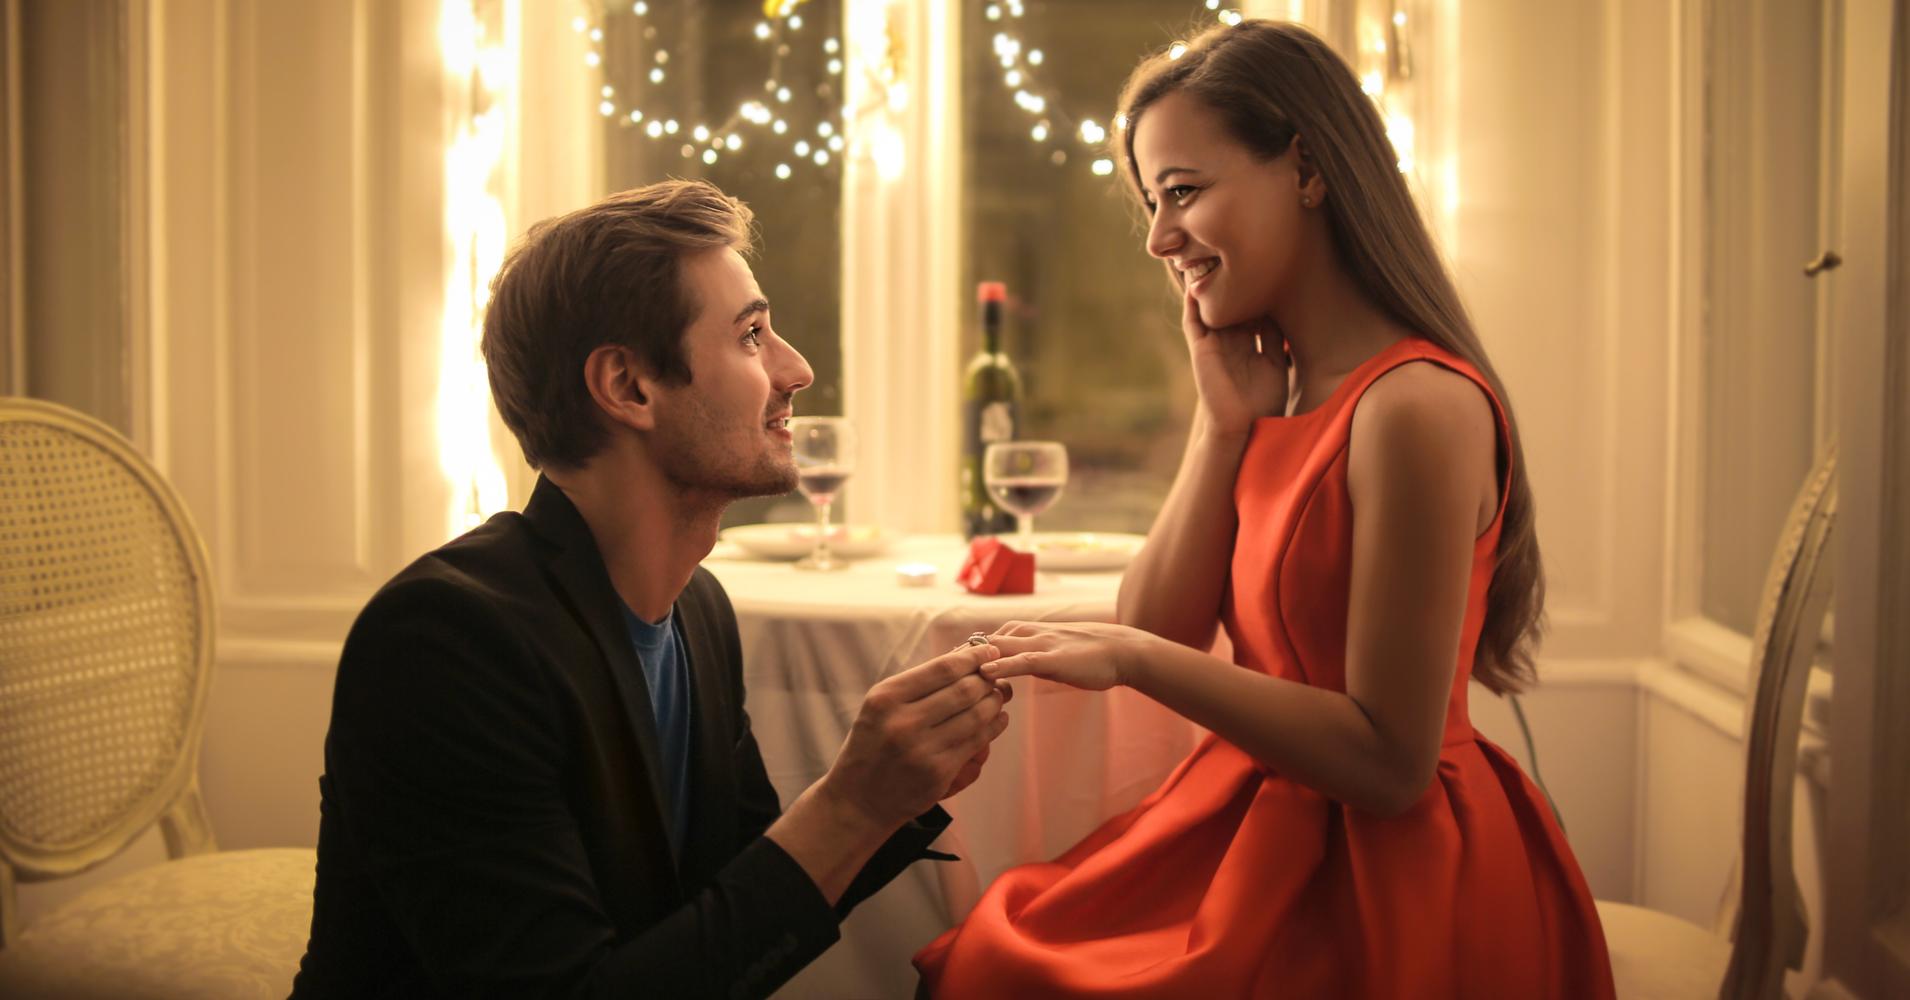 Should I Marry Him? - Quiz - Quizony.com